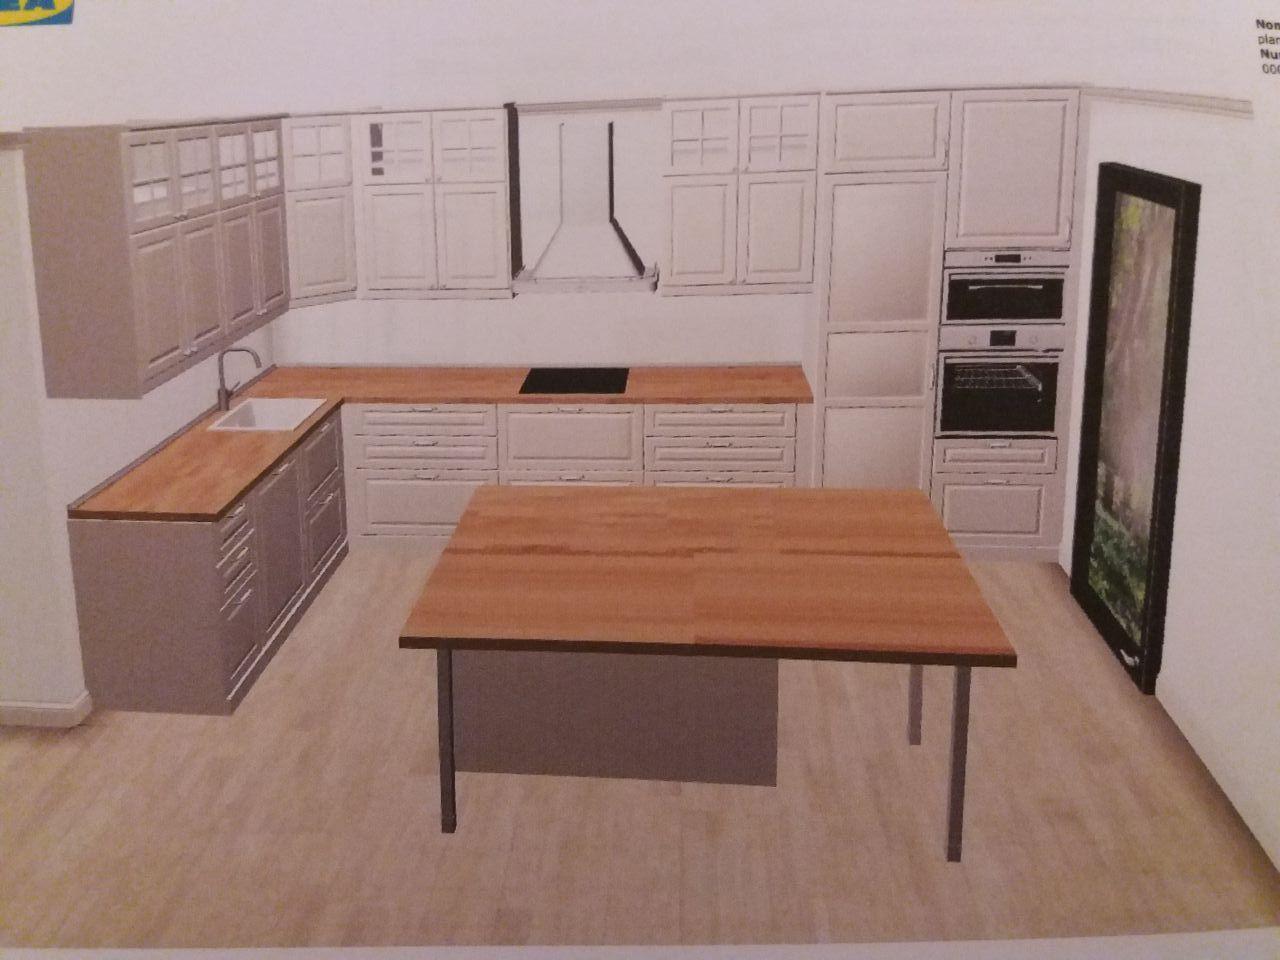 choix du modèle de l'implantation de la cuisine